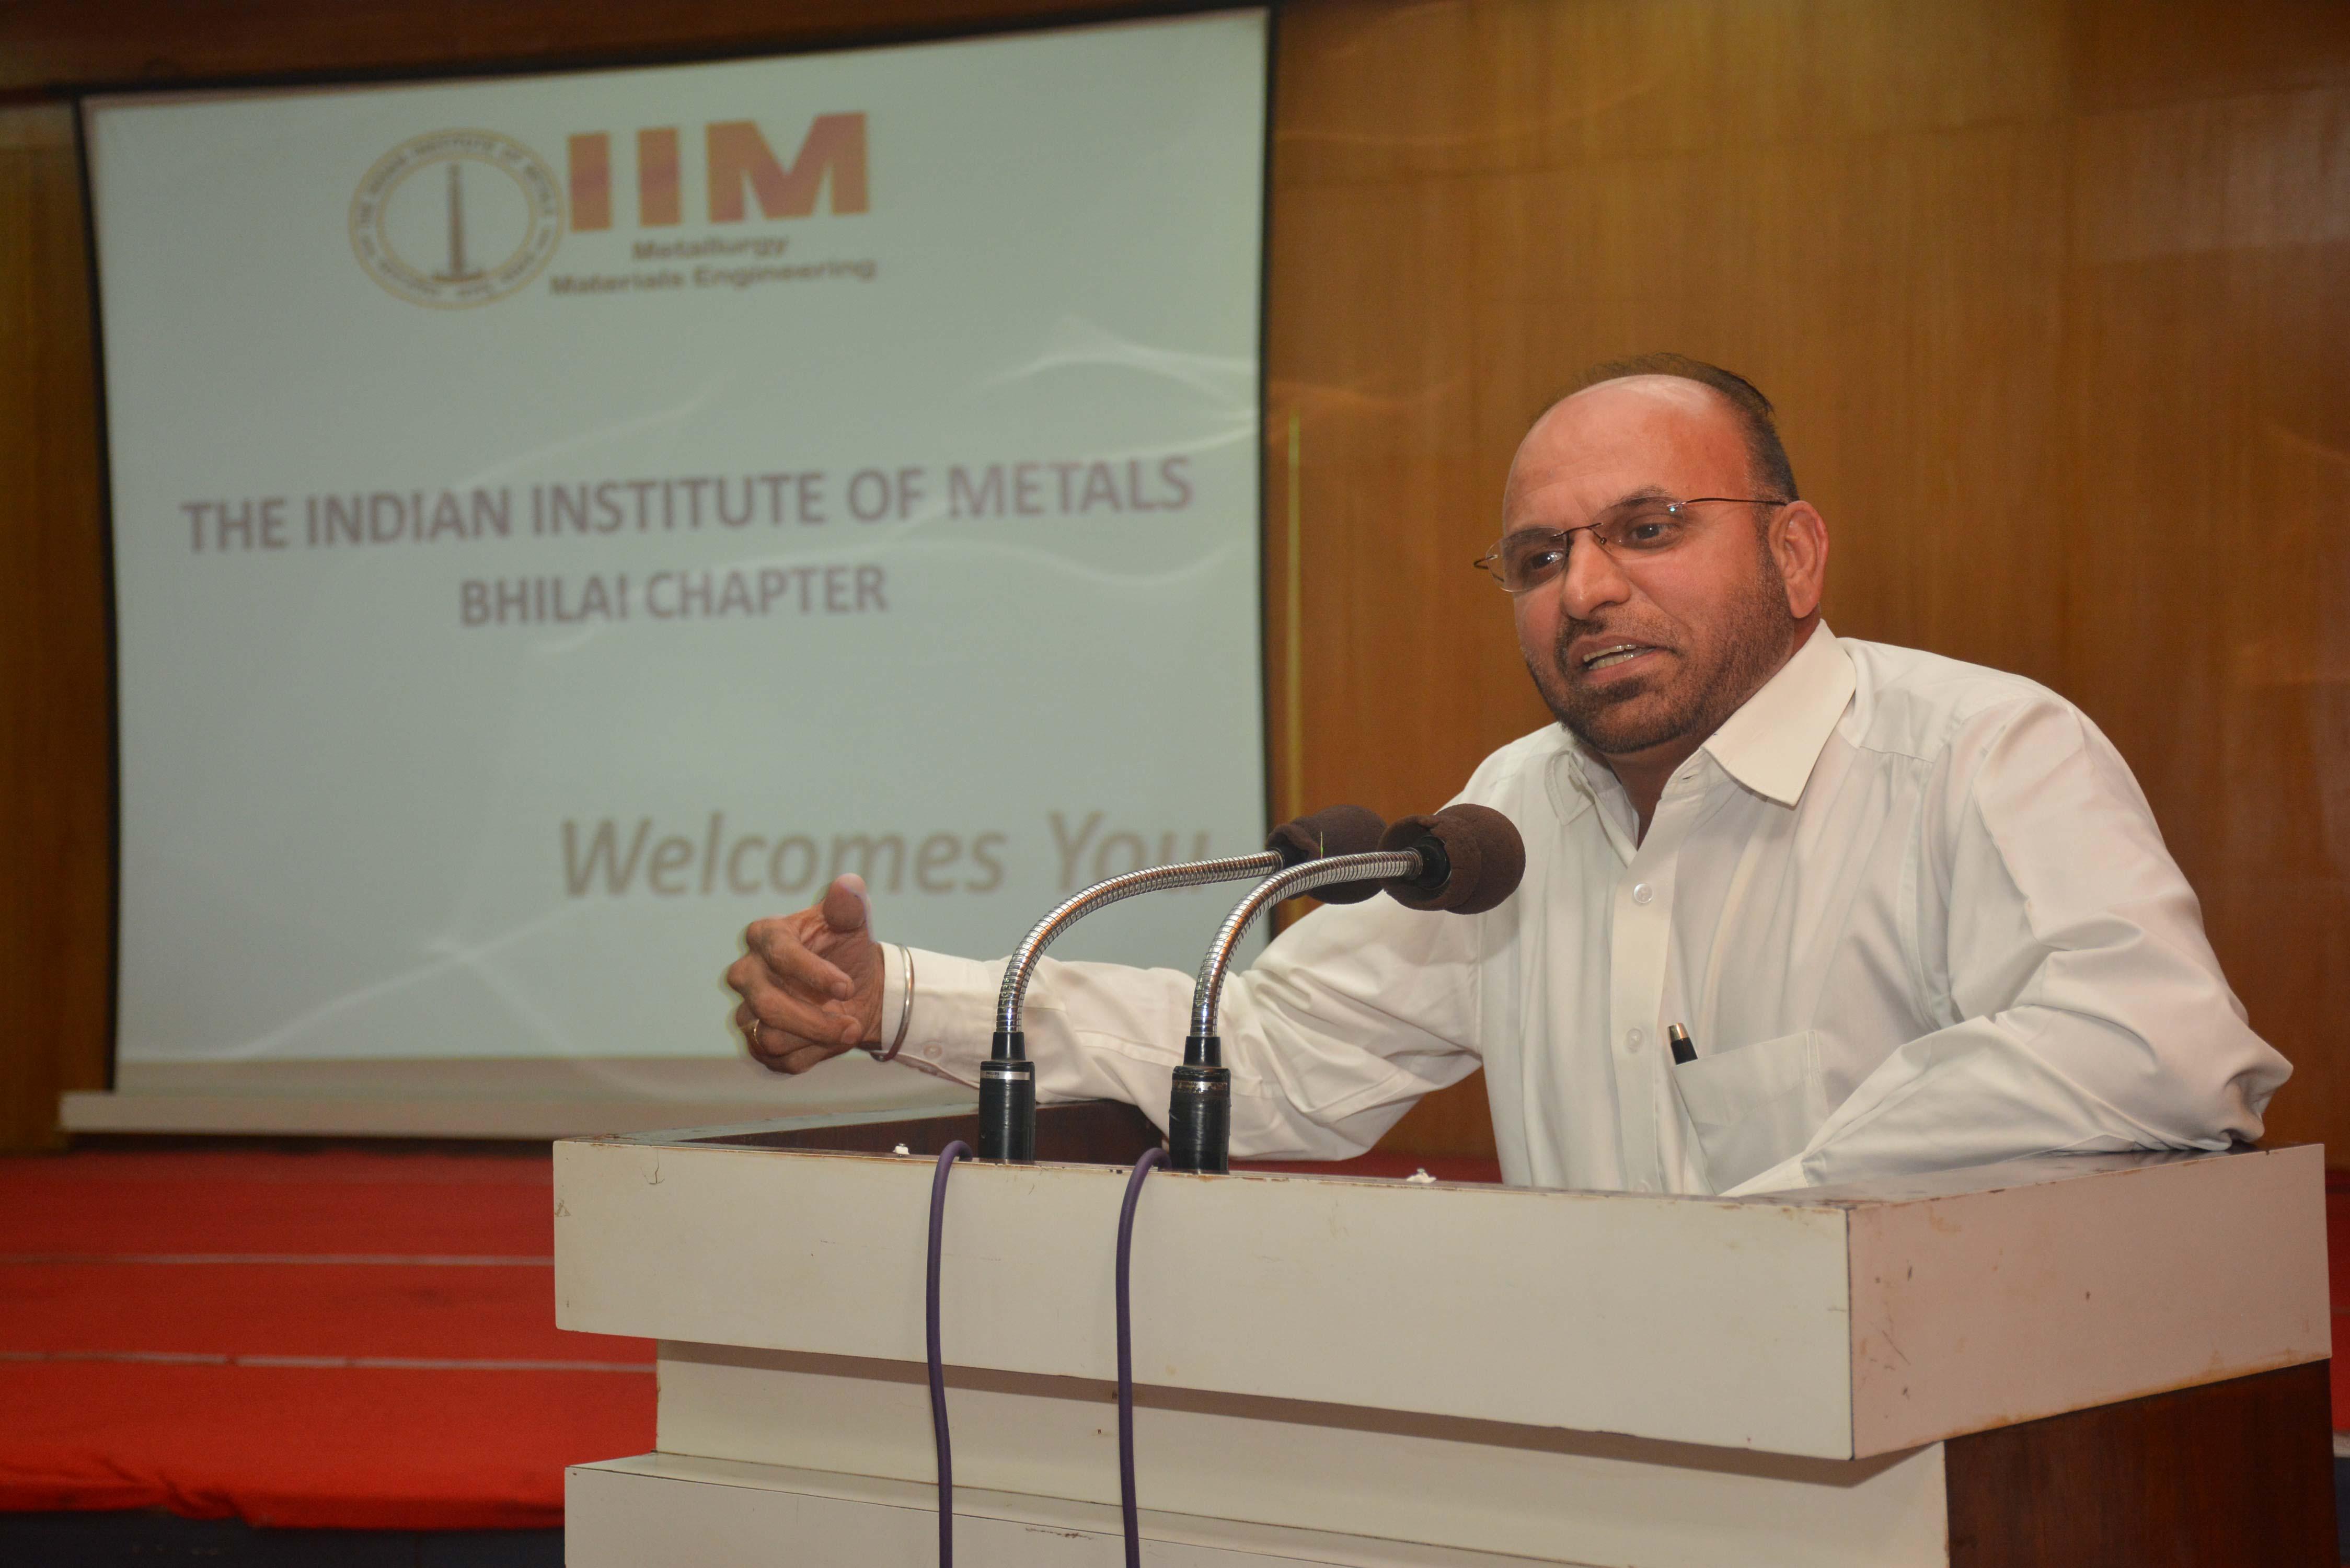 Talk on IIM